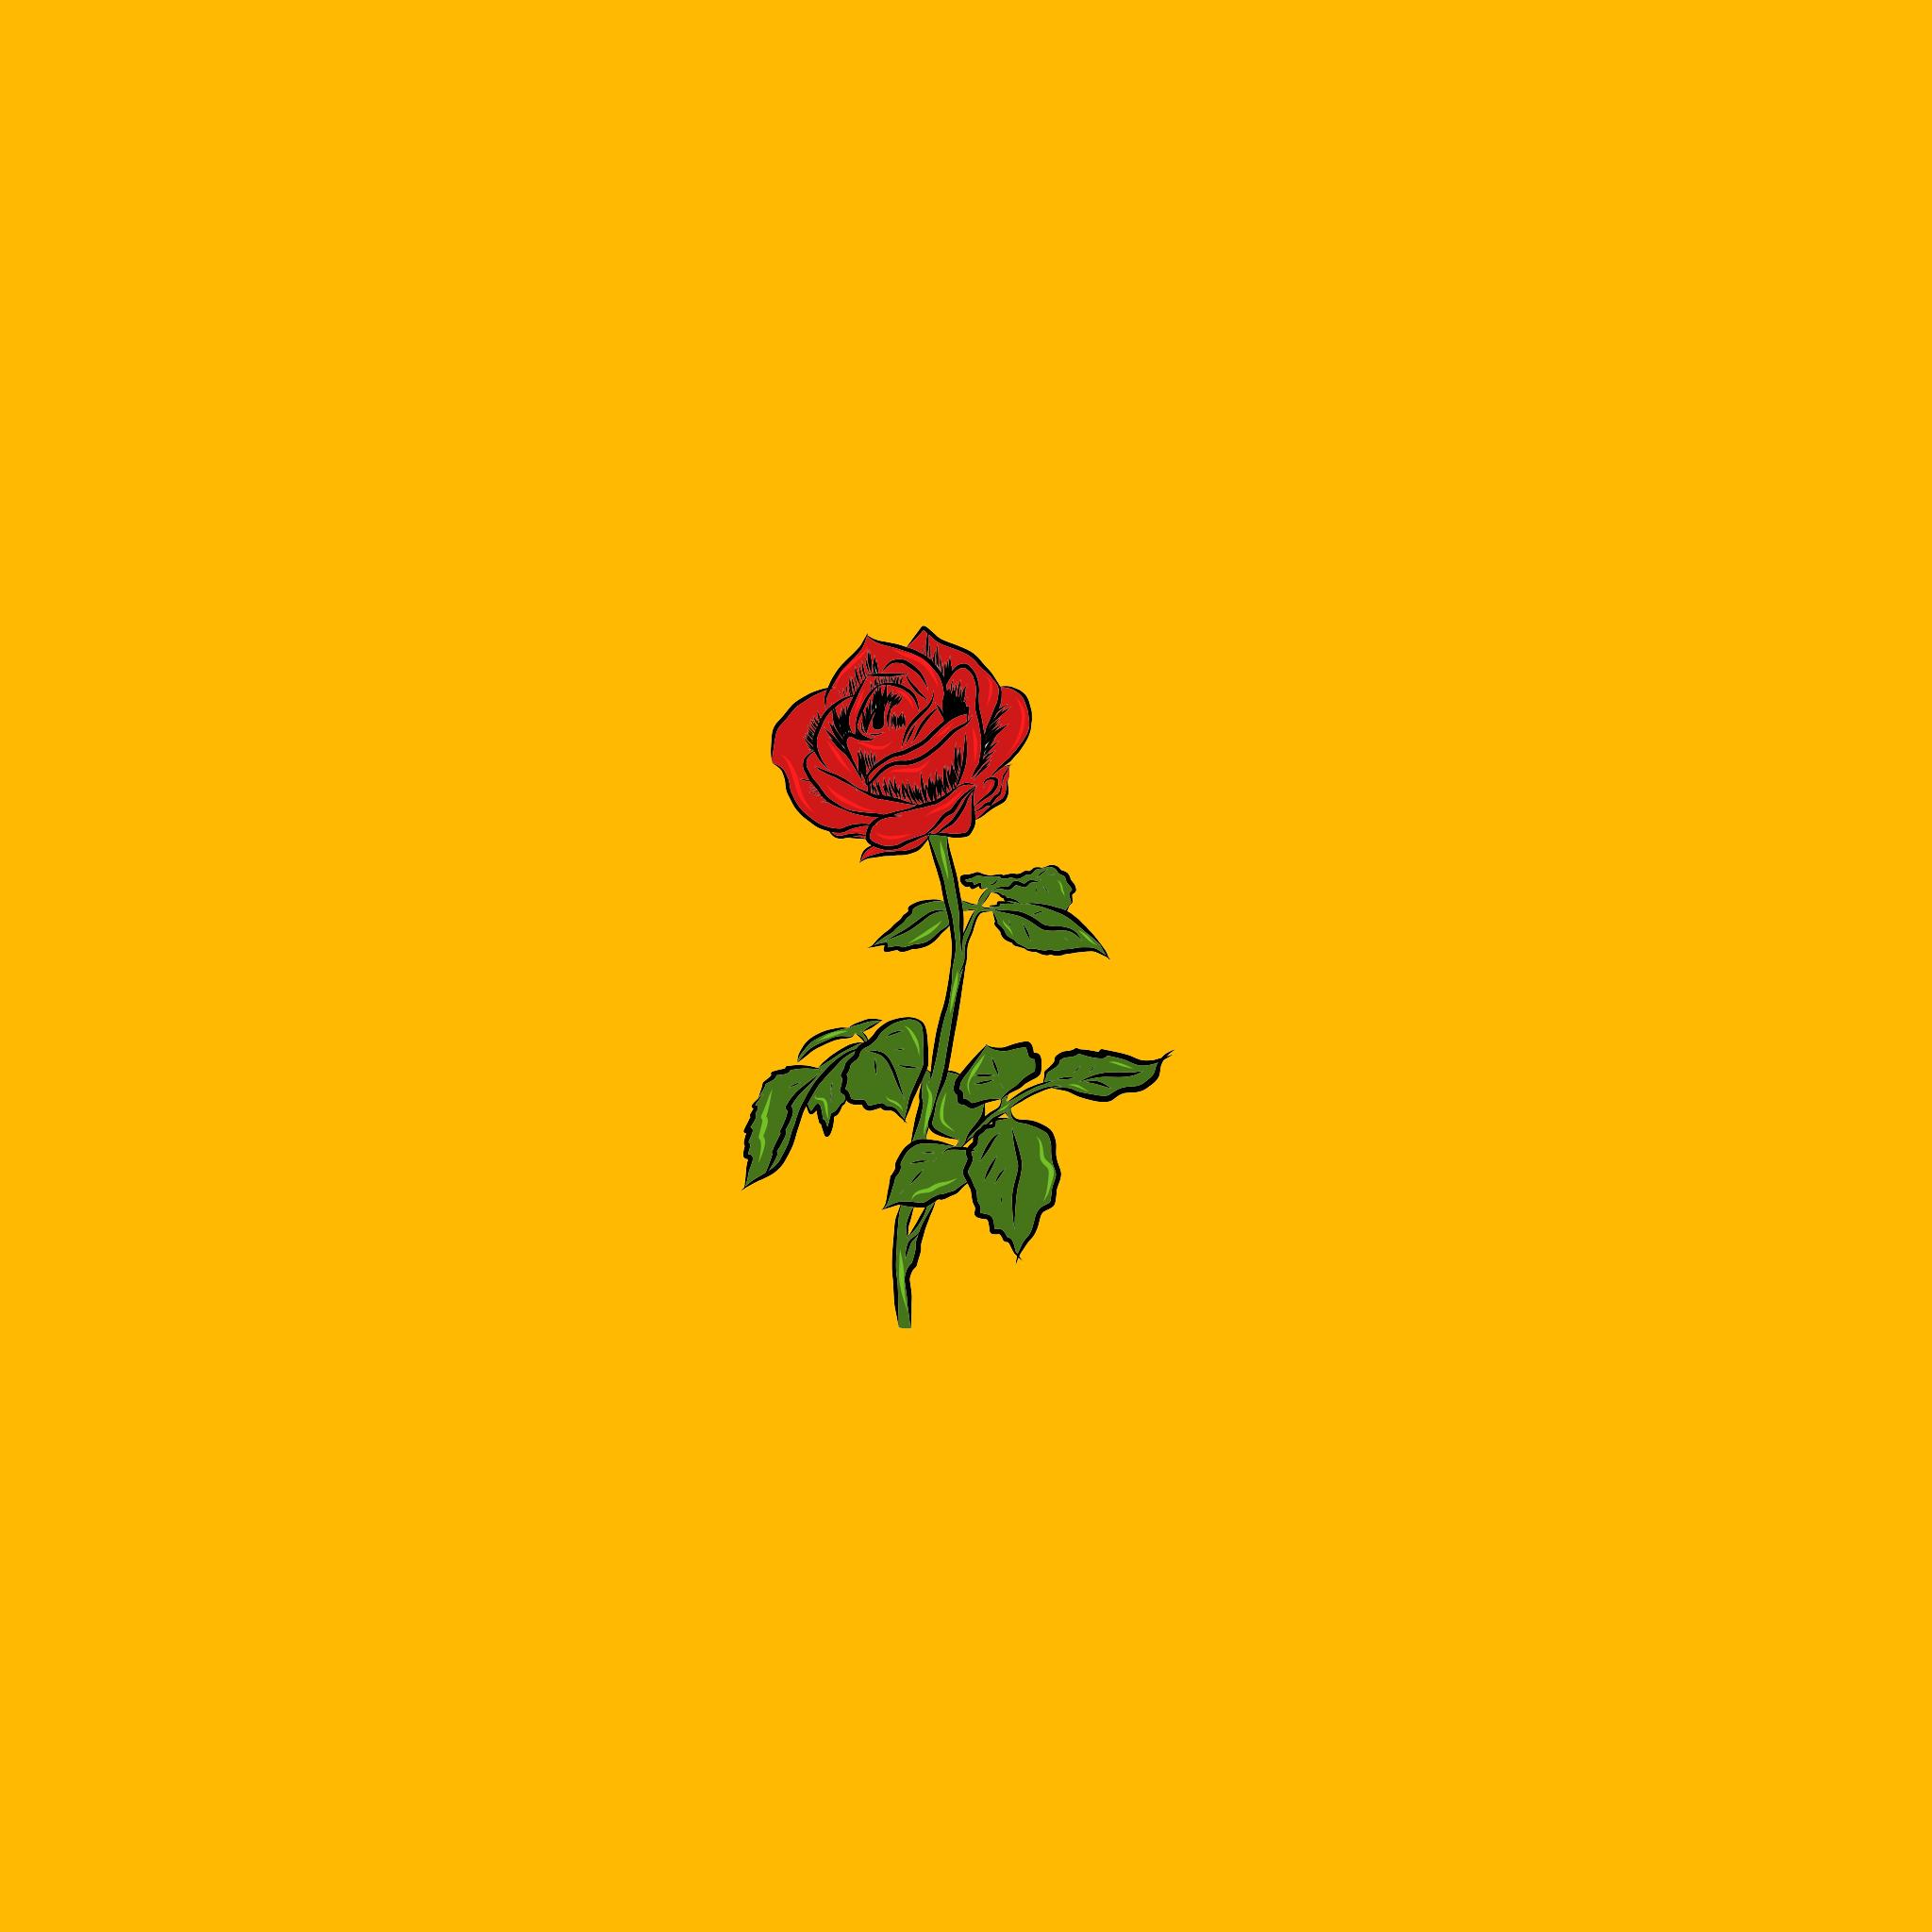 Der Rose Yellow Background Pop Art Wallpaper Yellow Wallpaper